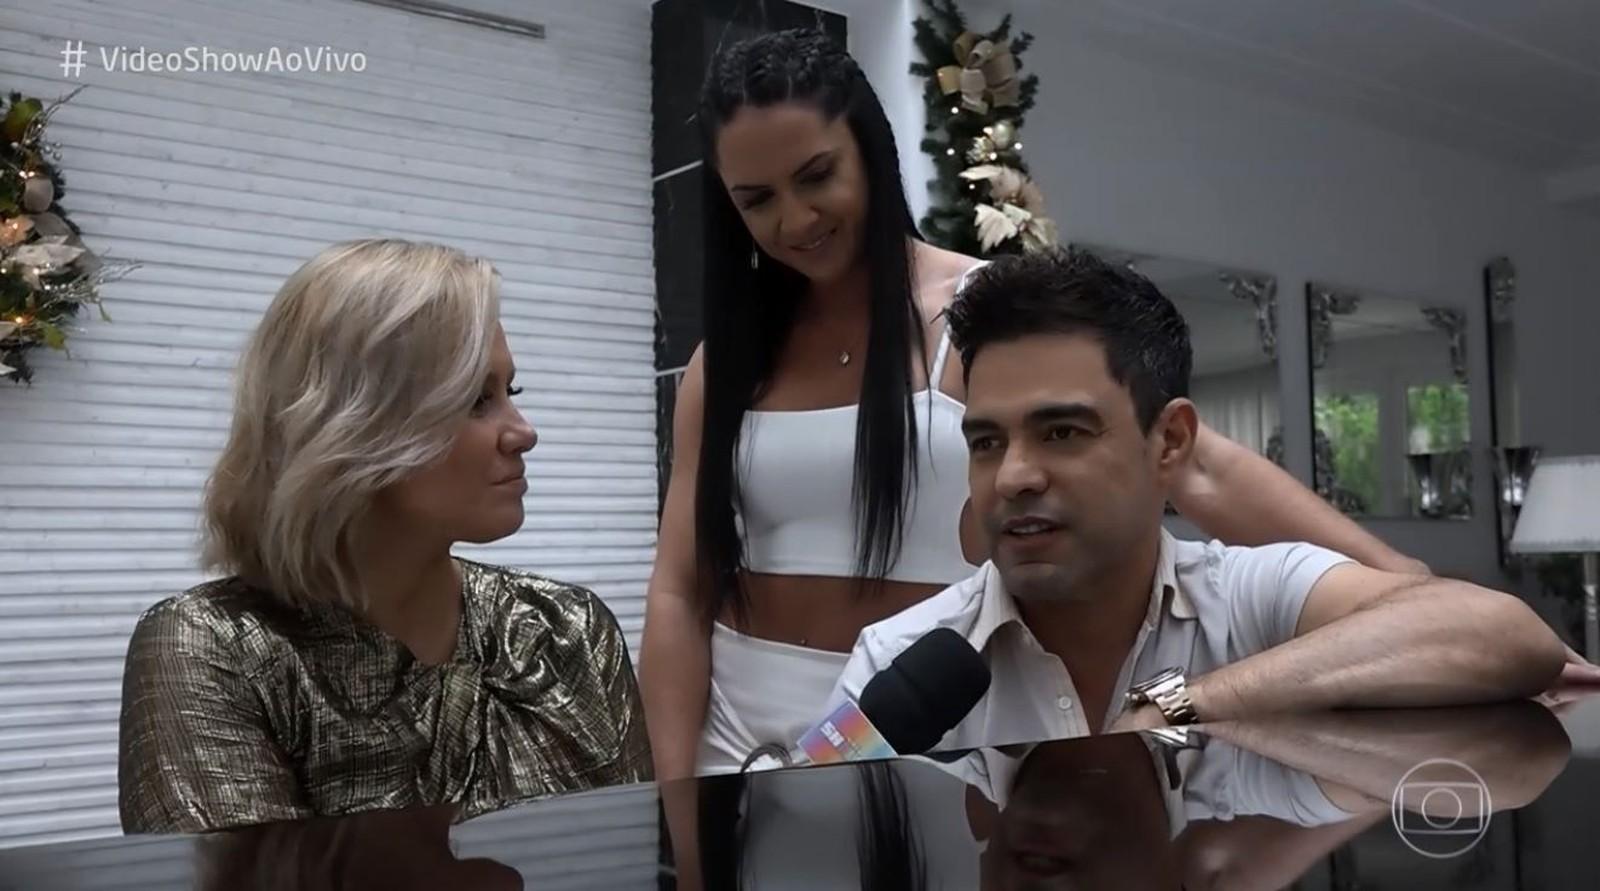 Mônica Salgado entrevista Graciele Lacerda e Zezé di Camargo. (Foto: Reprodução/Tv Globo)